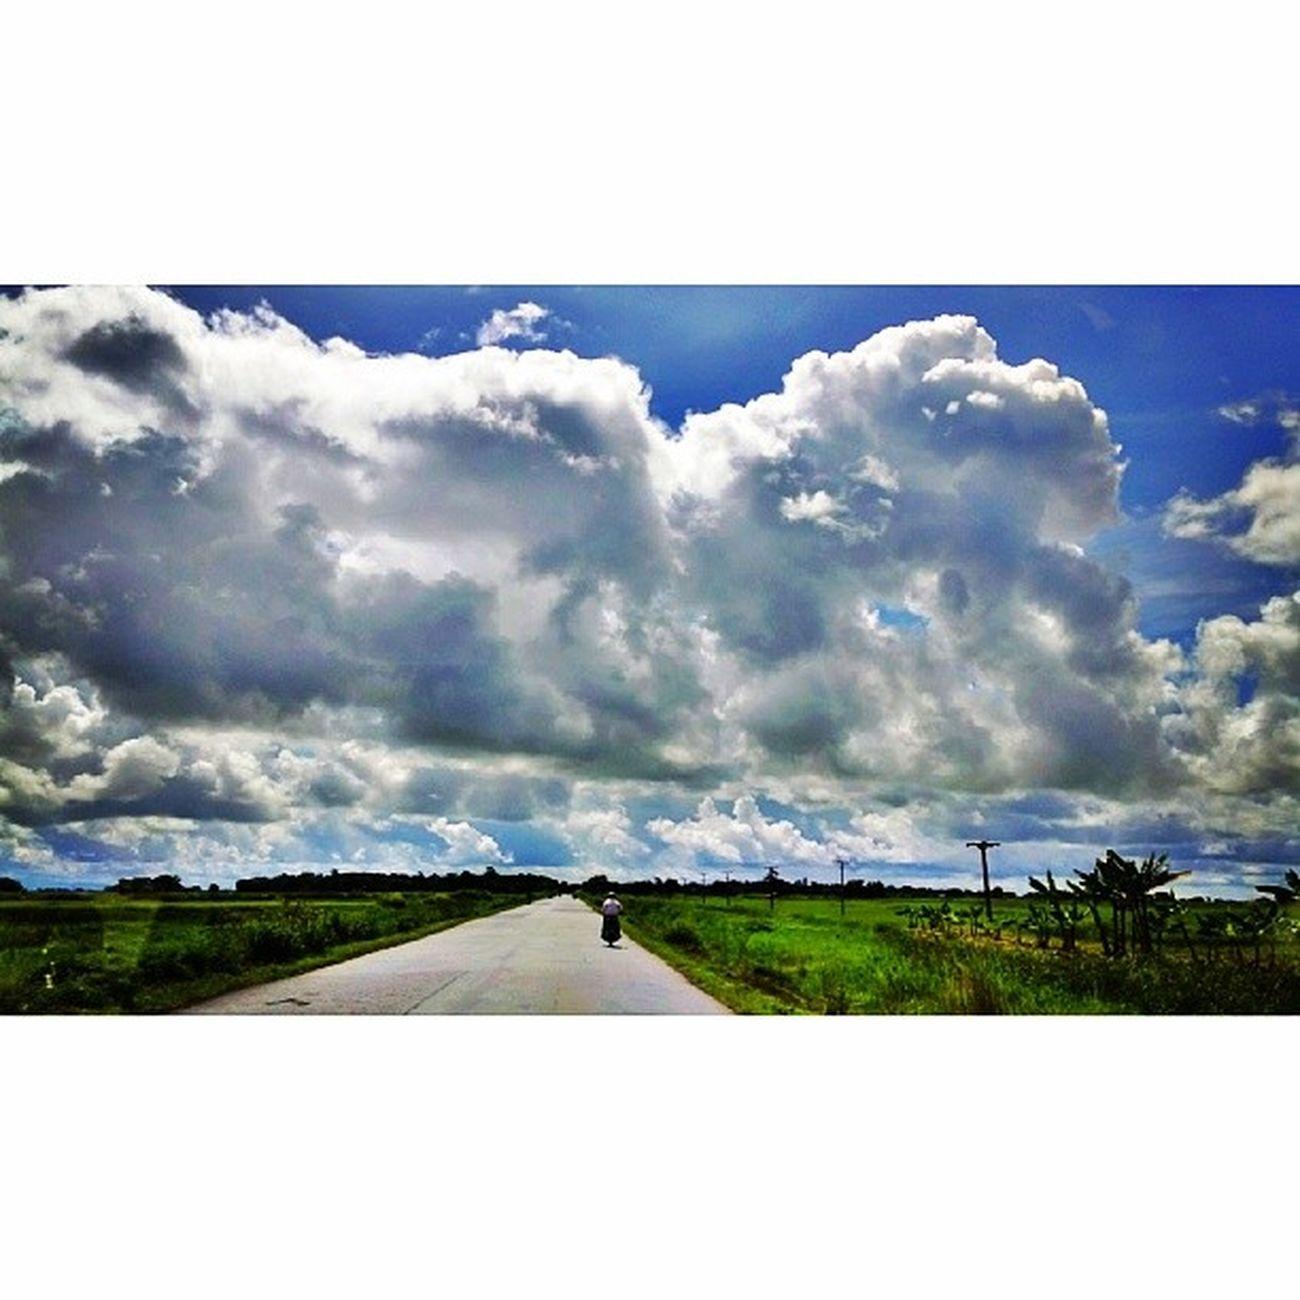 ခရီးသြားမိုးတိမ္ Jipsy Clouds Cloud Sky travelgram instatravel myanmar igersmyanmar